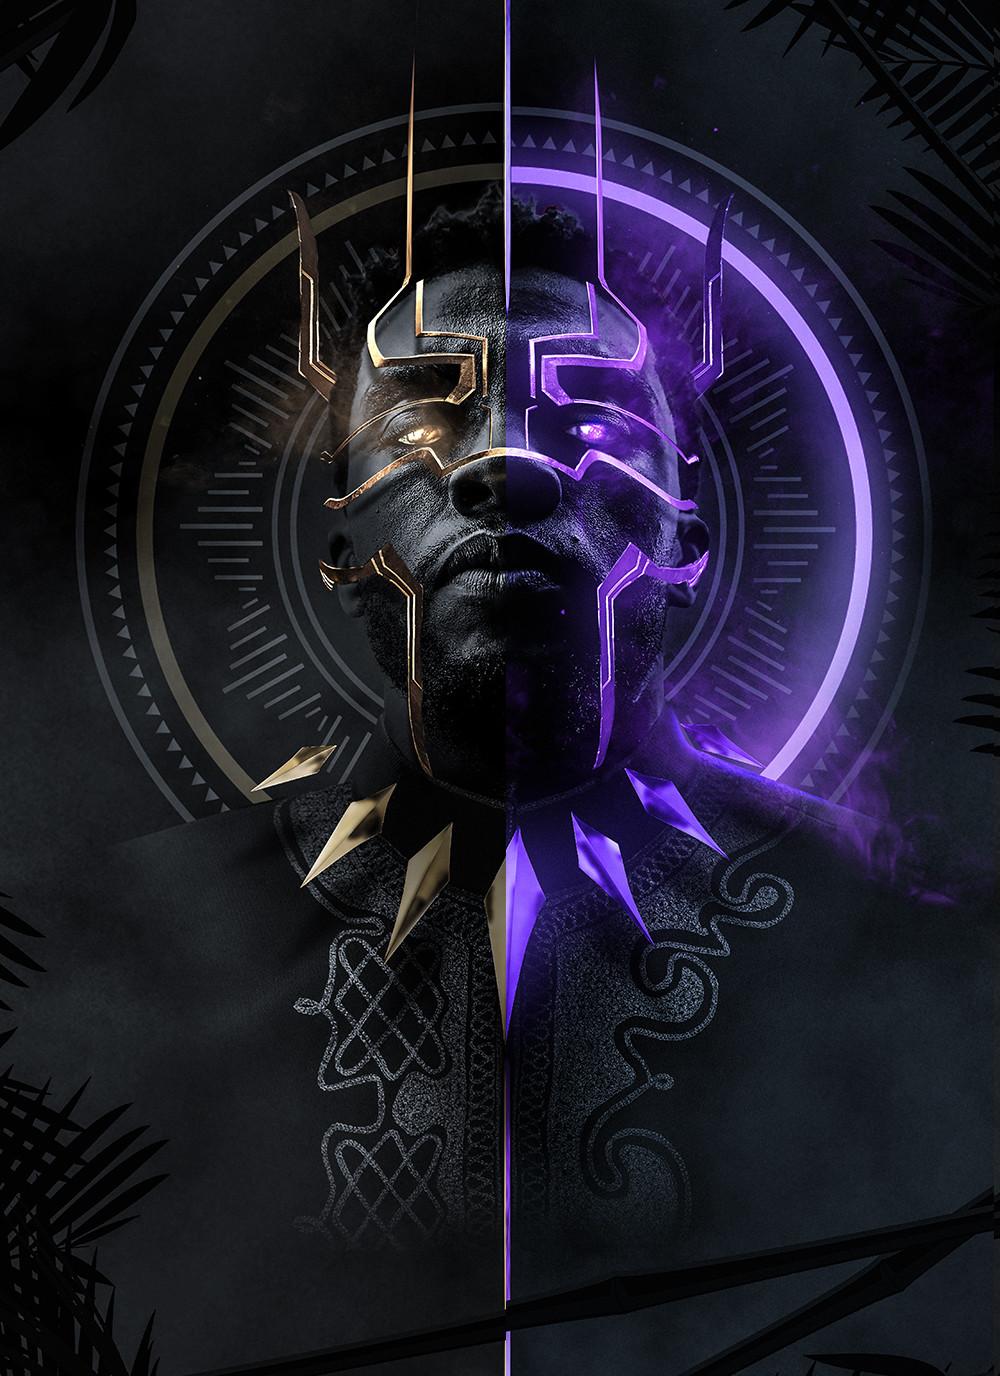 Kode lgx the king is deadxxxx